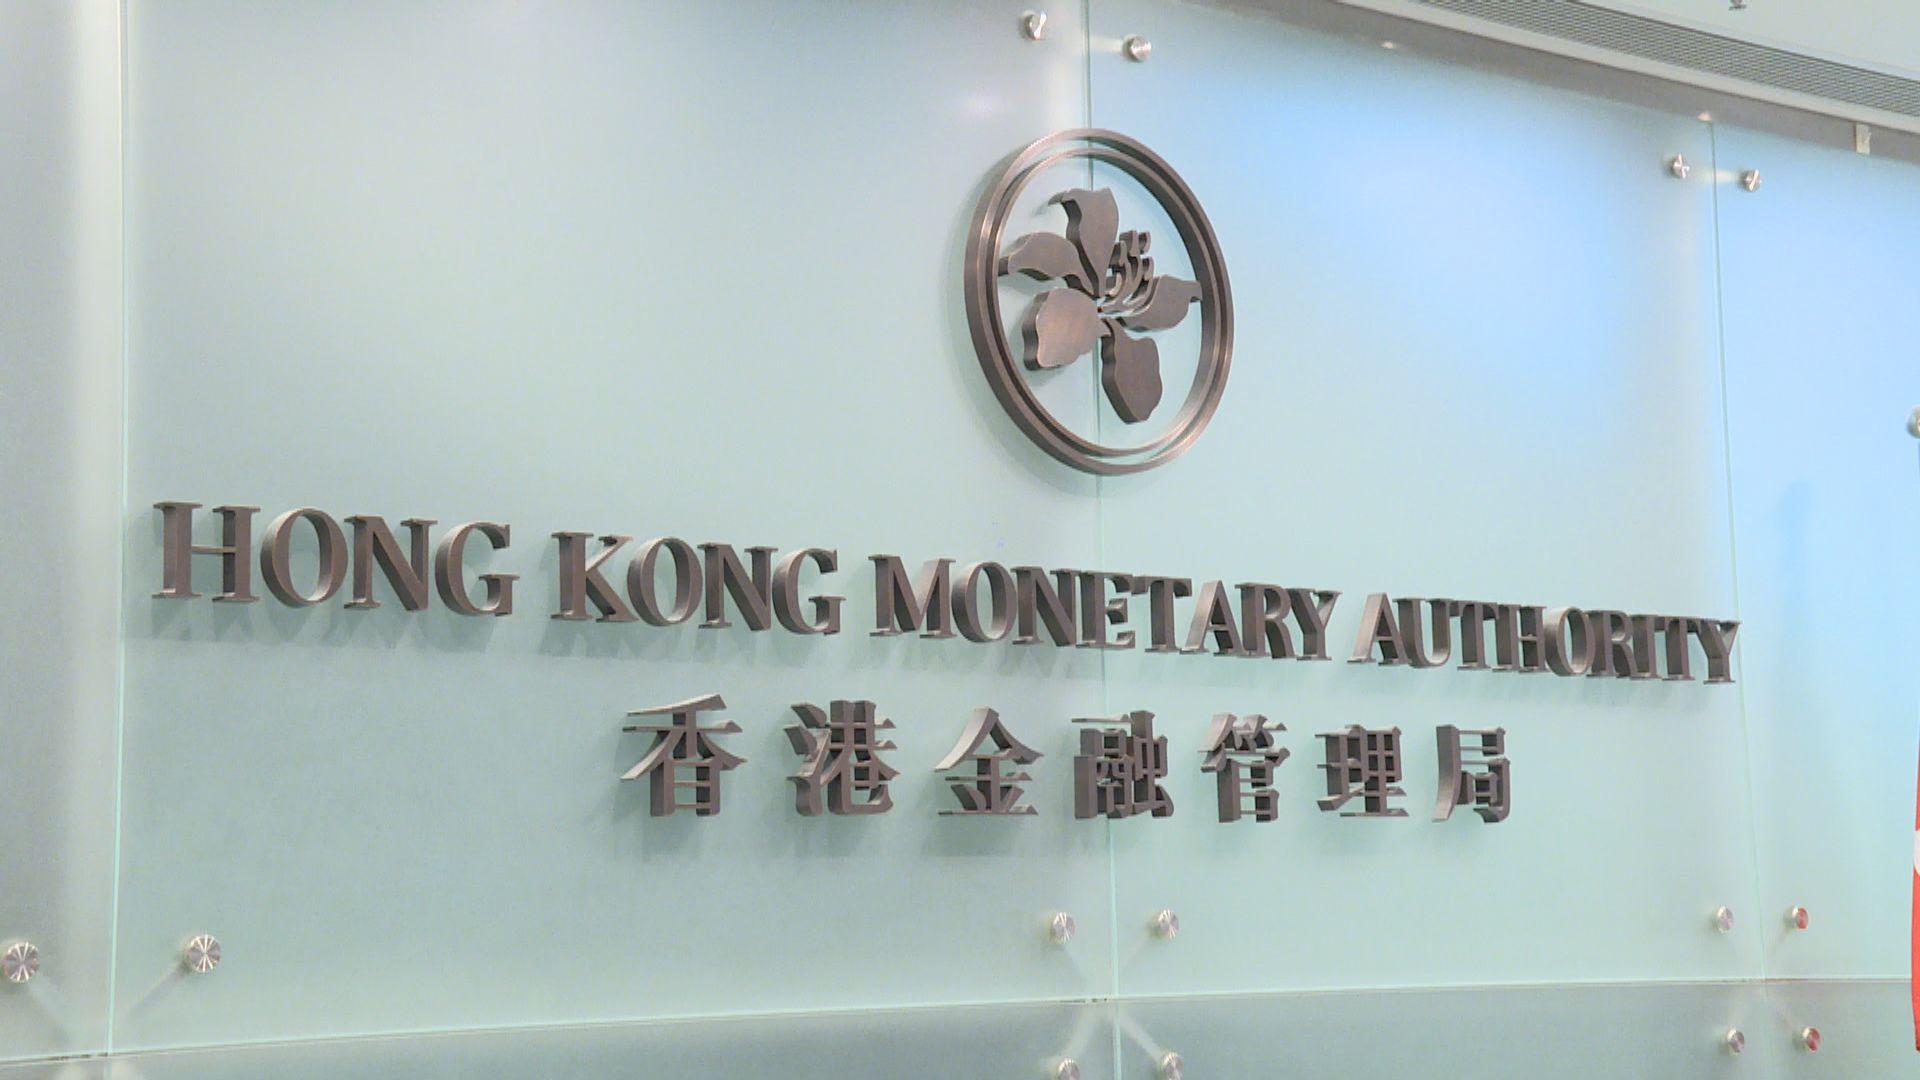 金管局余偉文:聯匯制度不因外國對港政策而變